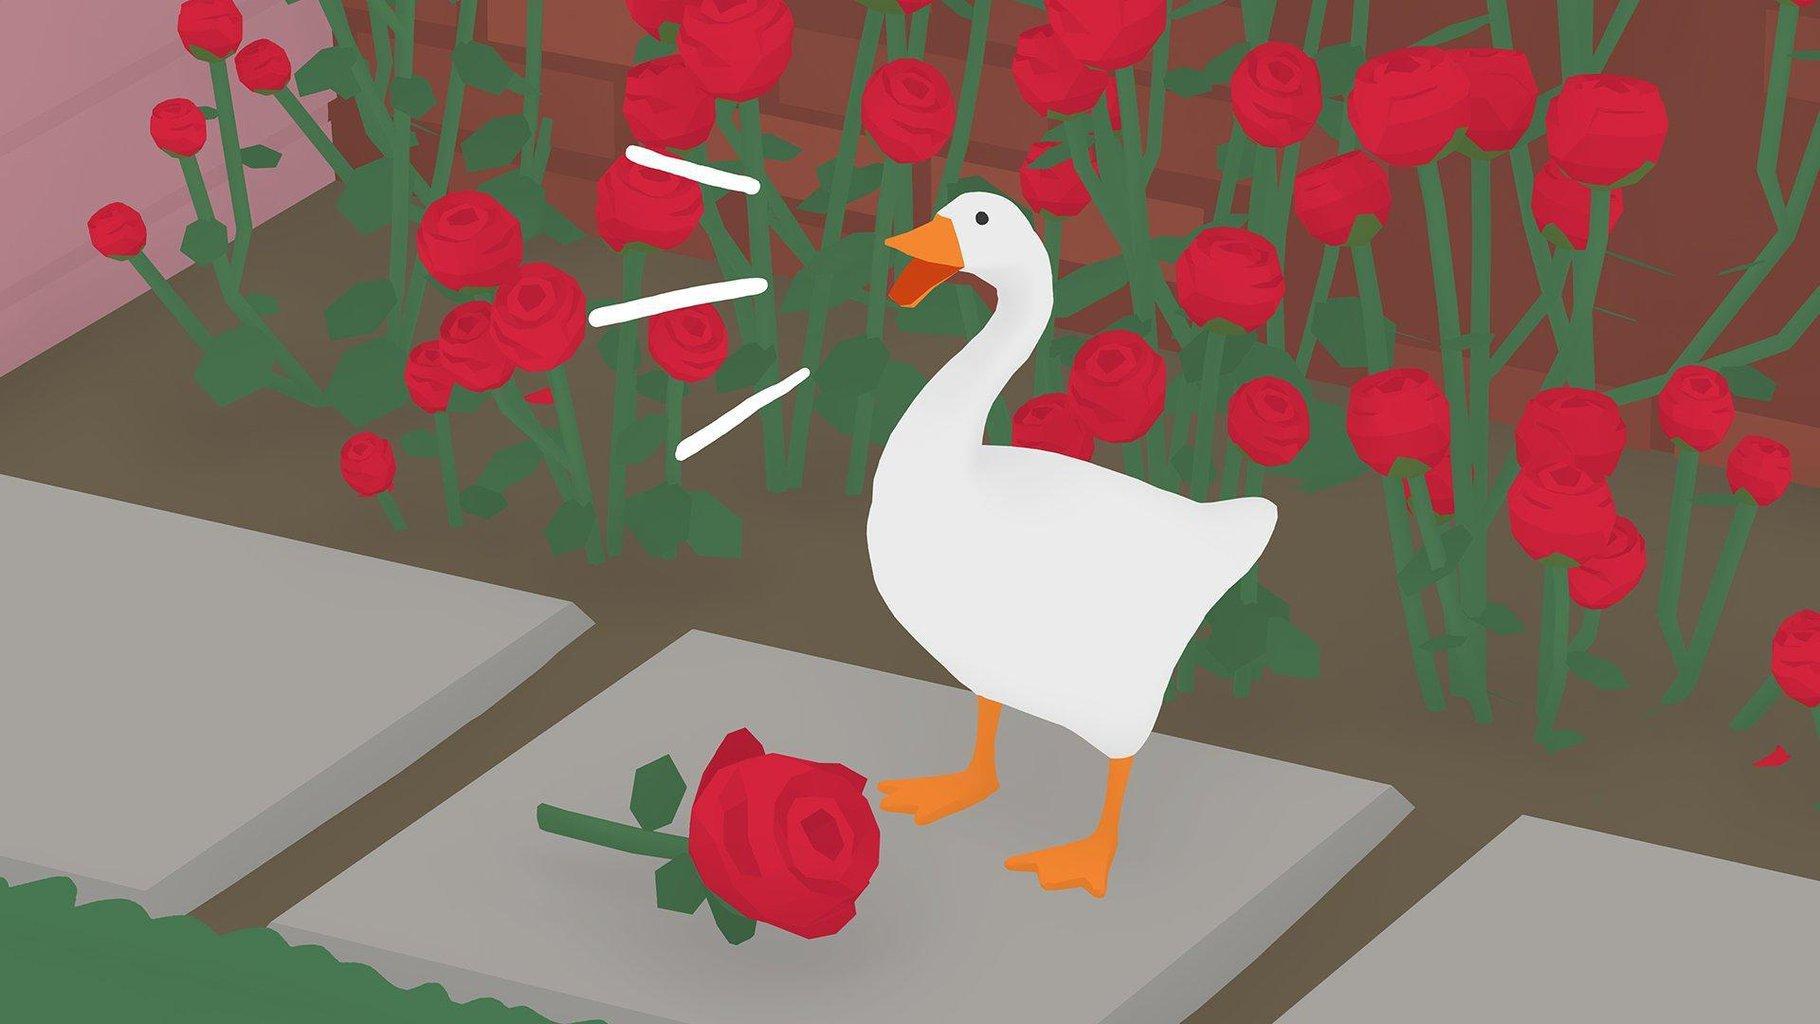 Goose_amongst_roses.jpg